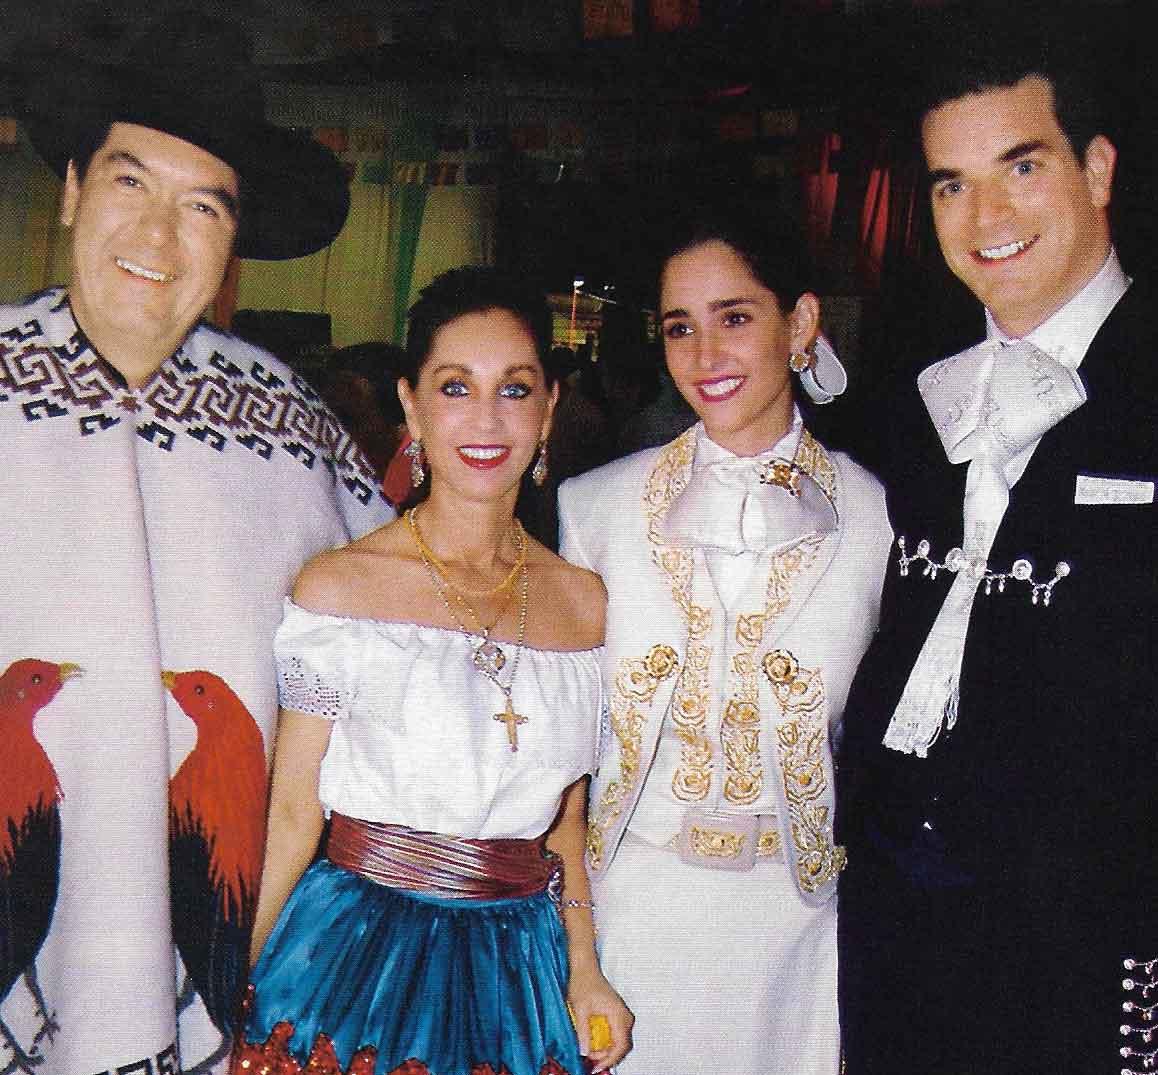 Luis Miguel y los Hank 7